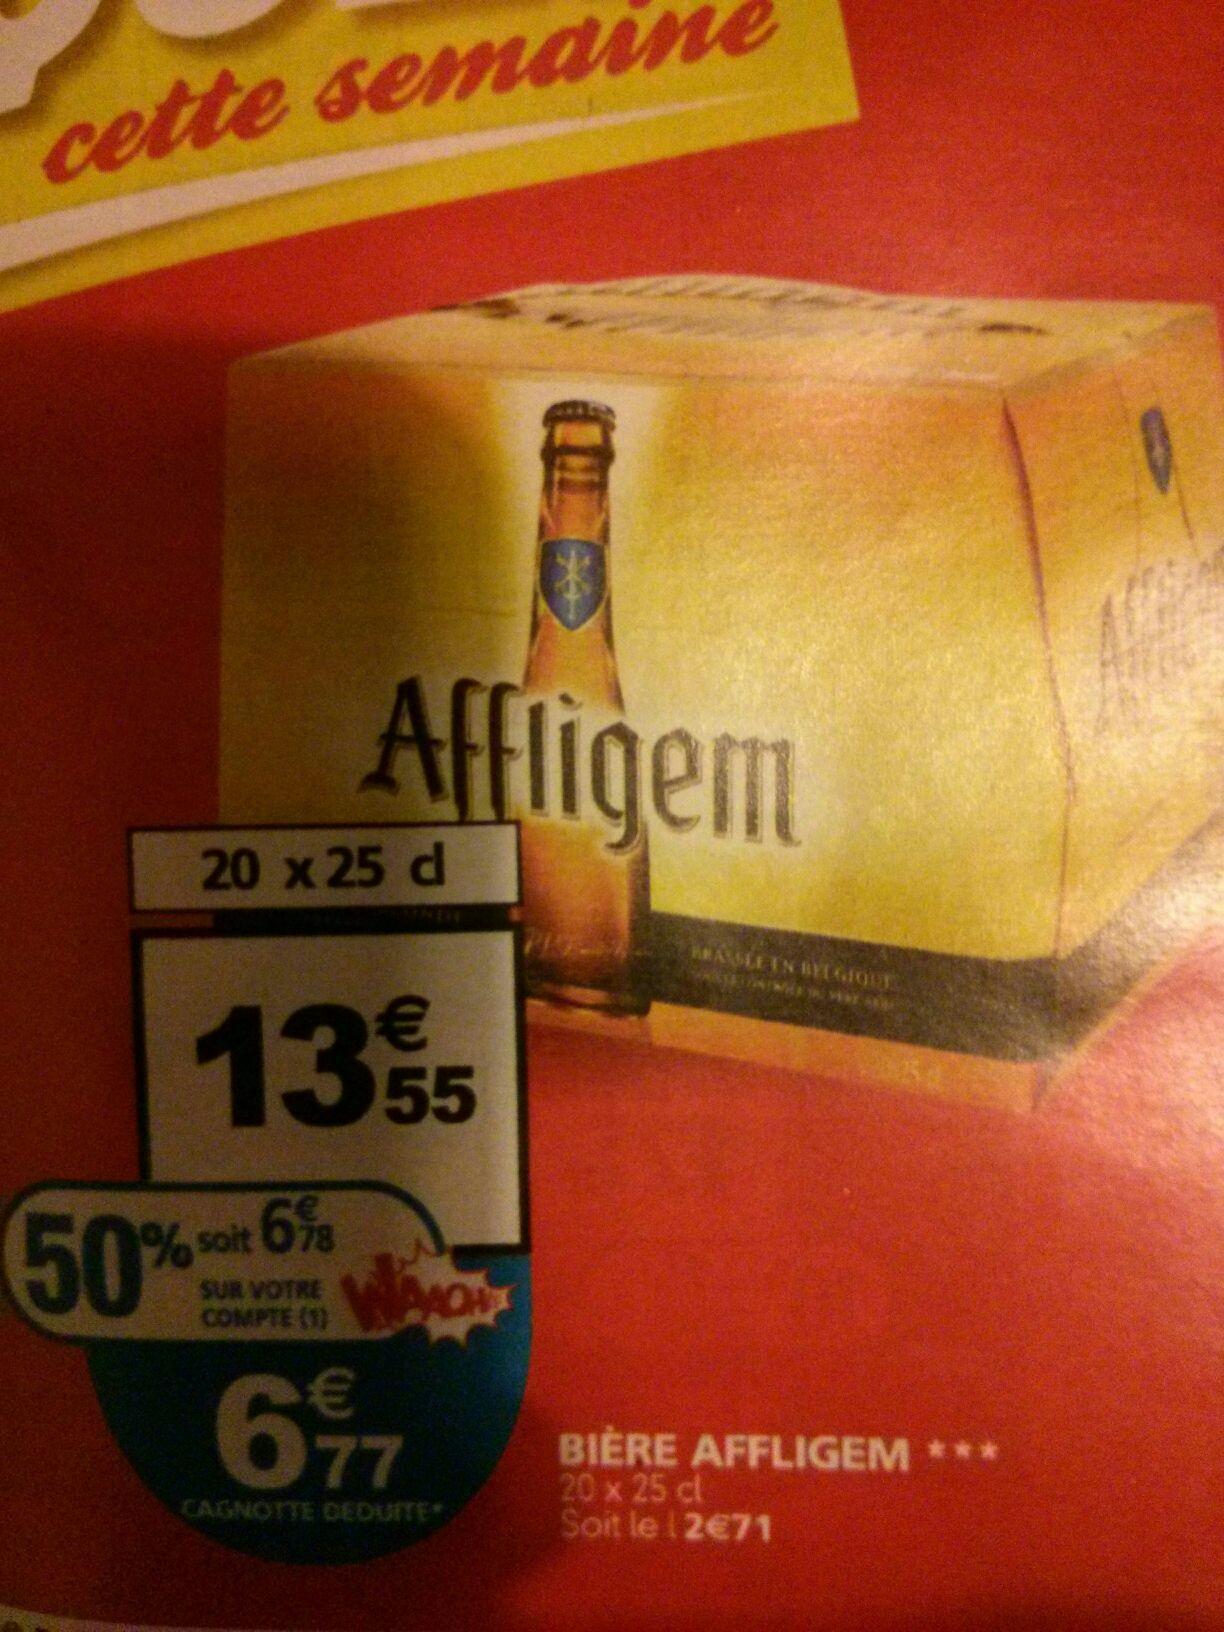 Pack de Bières Affligem - 20 x 25 cl (avec 50% sur la carte)